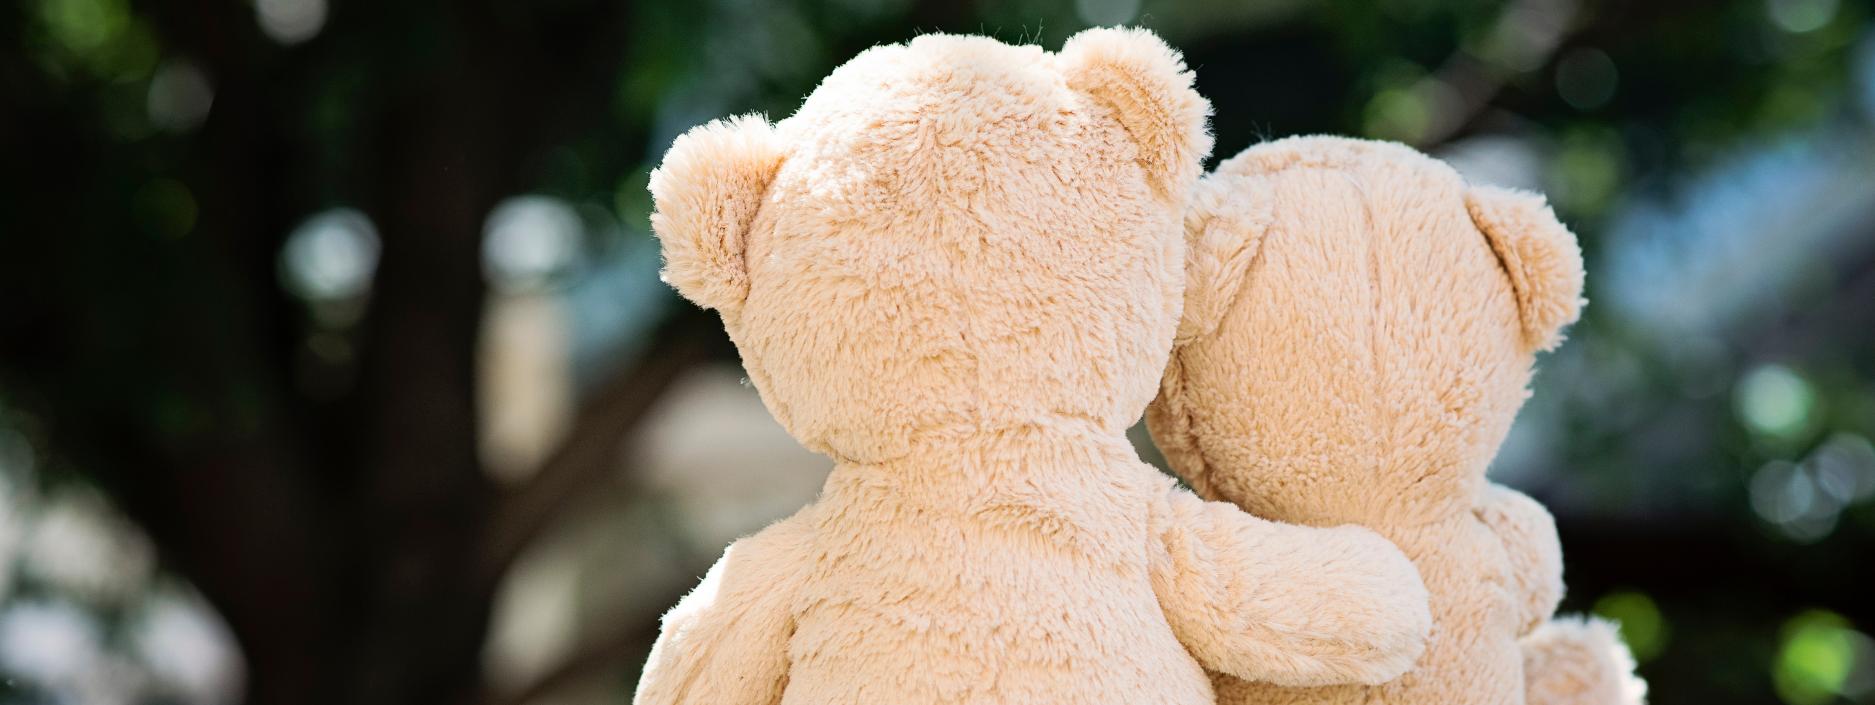 Teddy bear cuddle